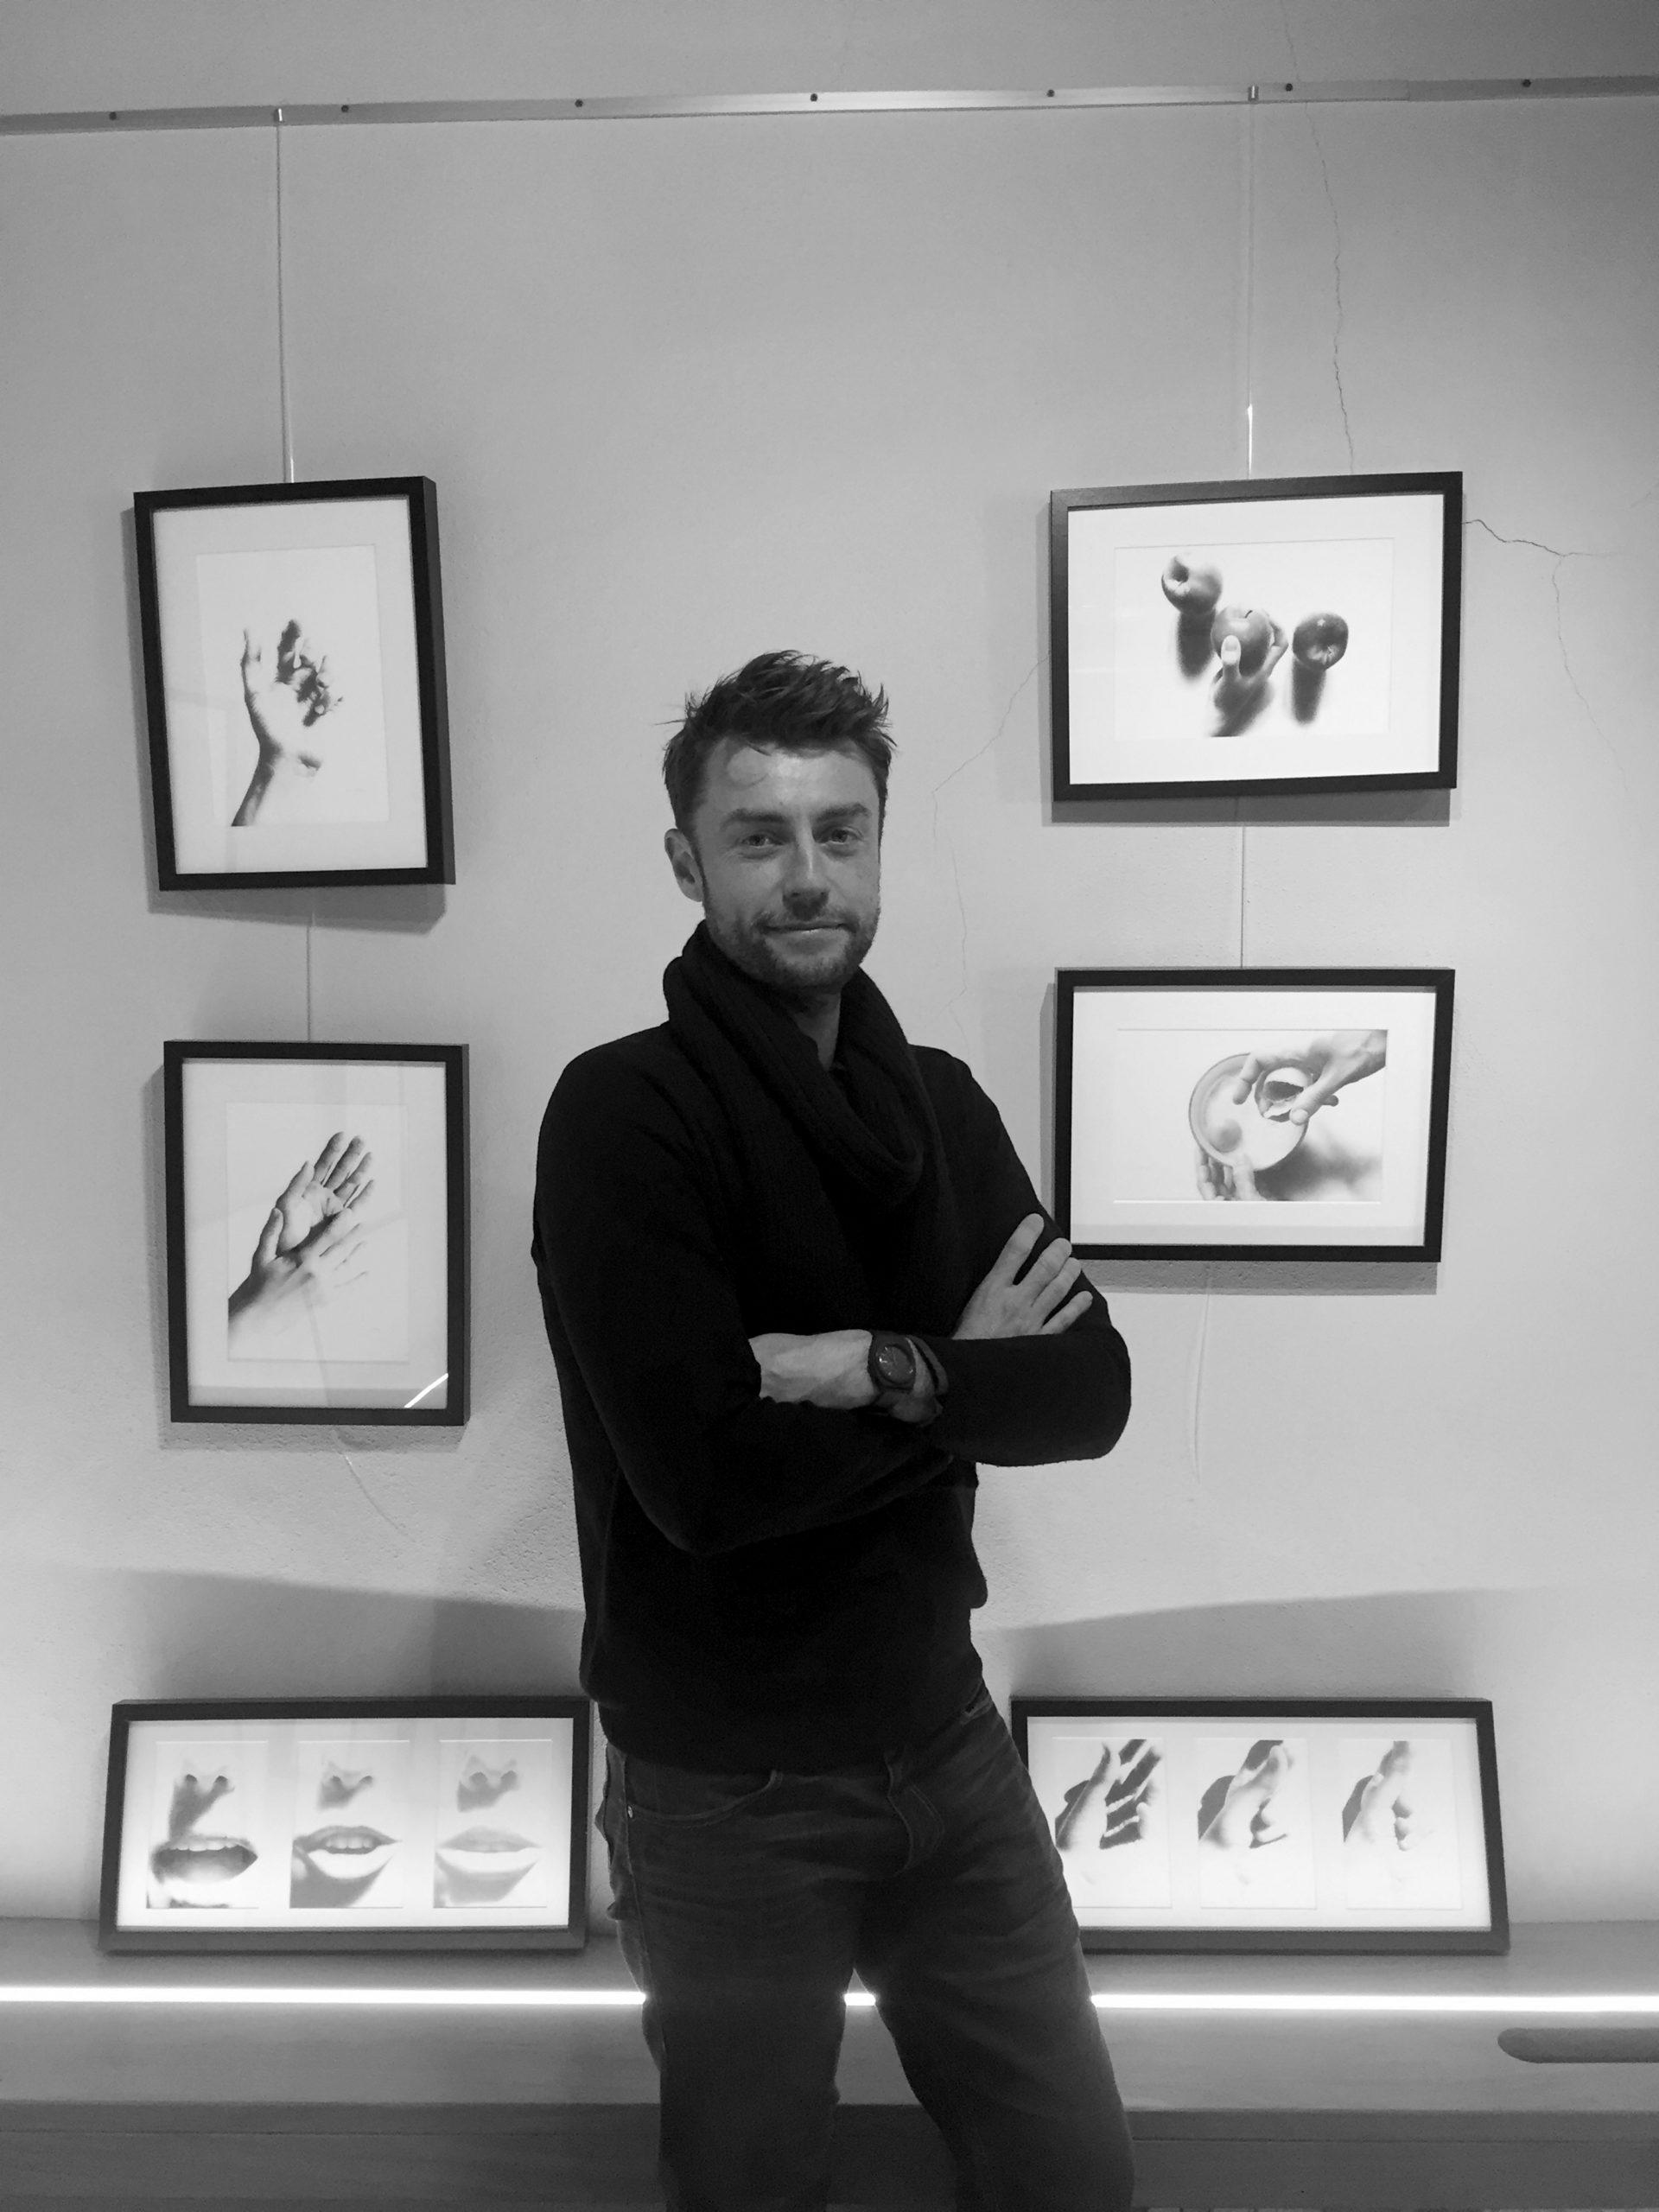 christophe moreau artiste dessinateur de la galerie 22